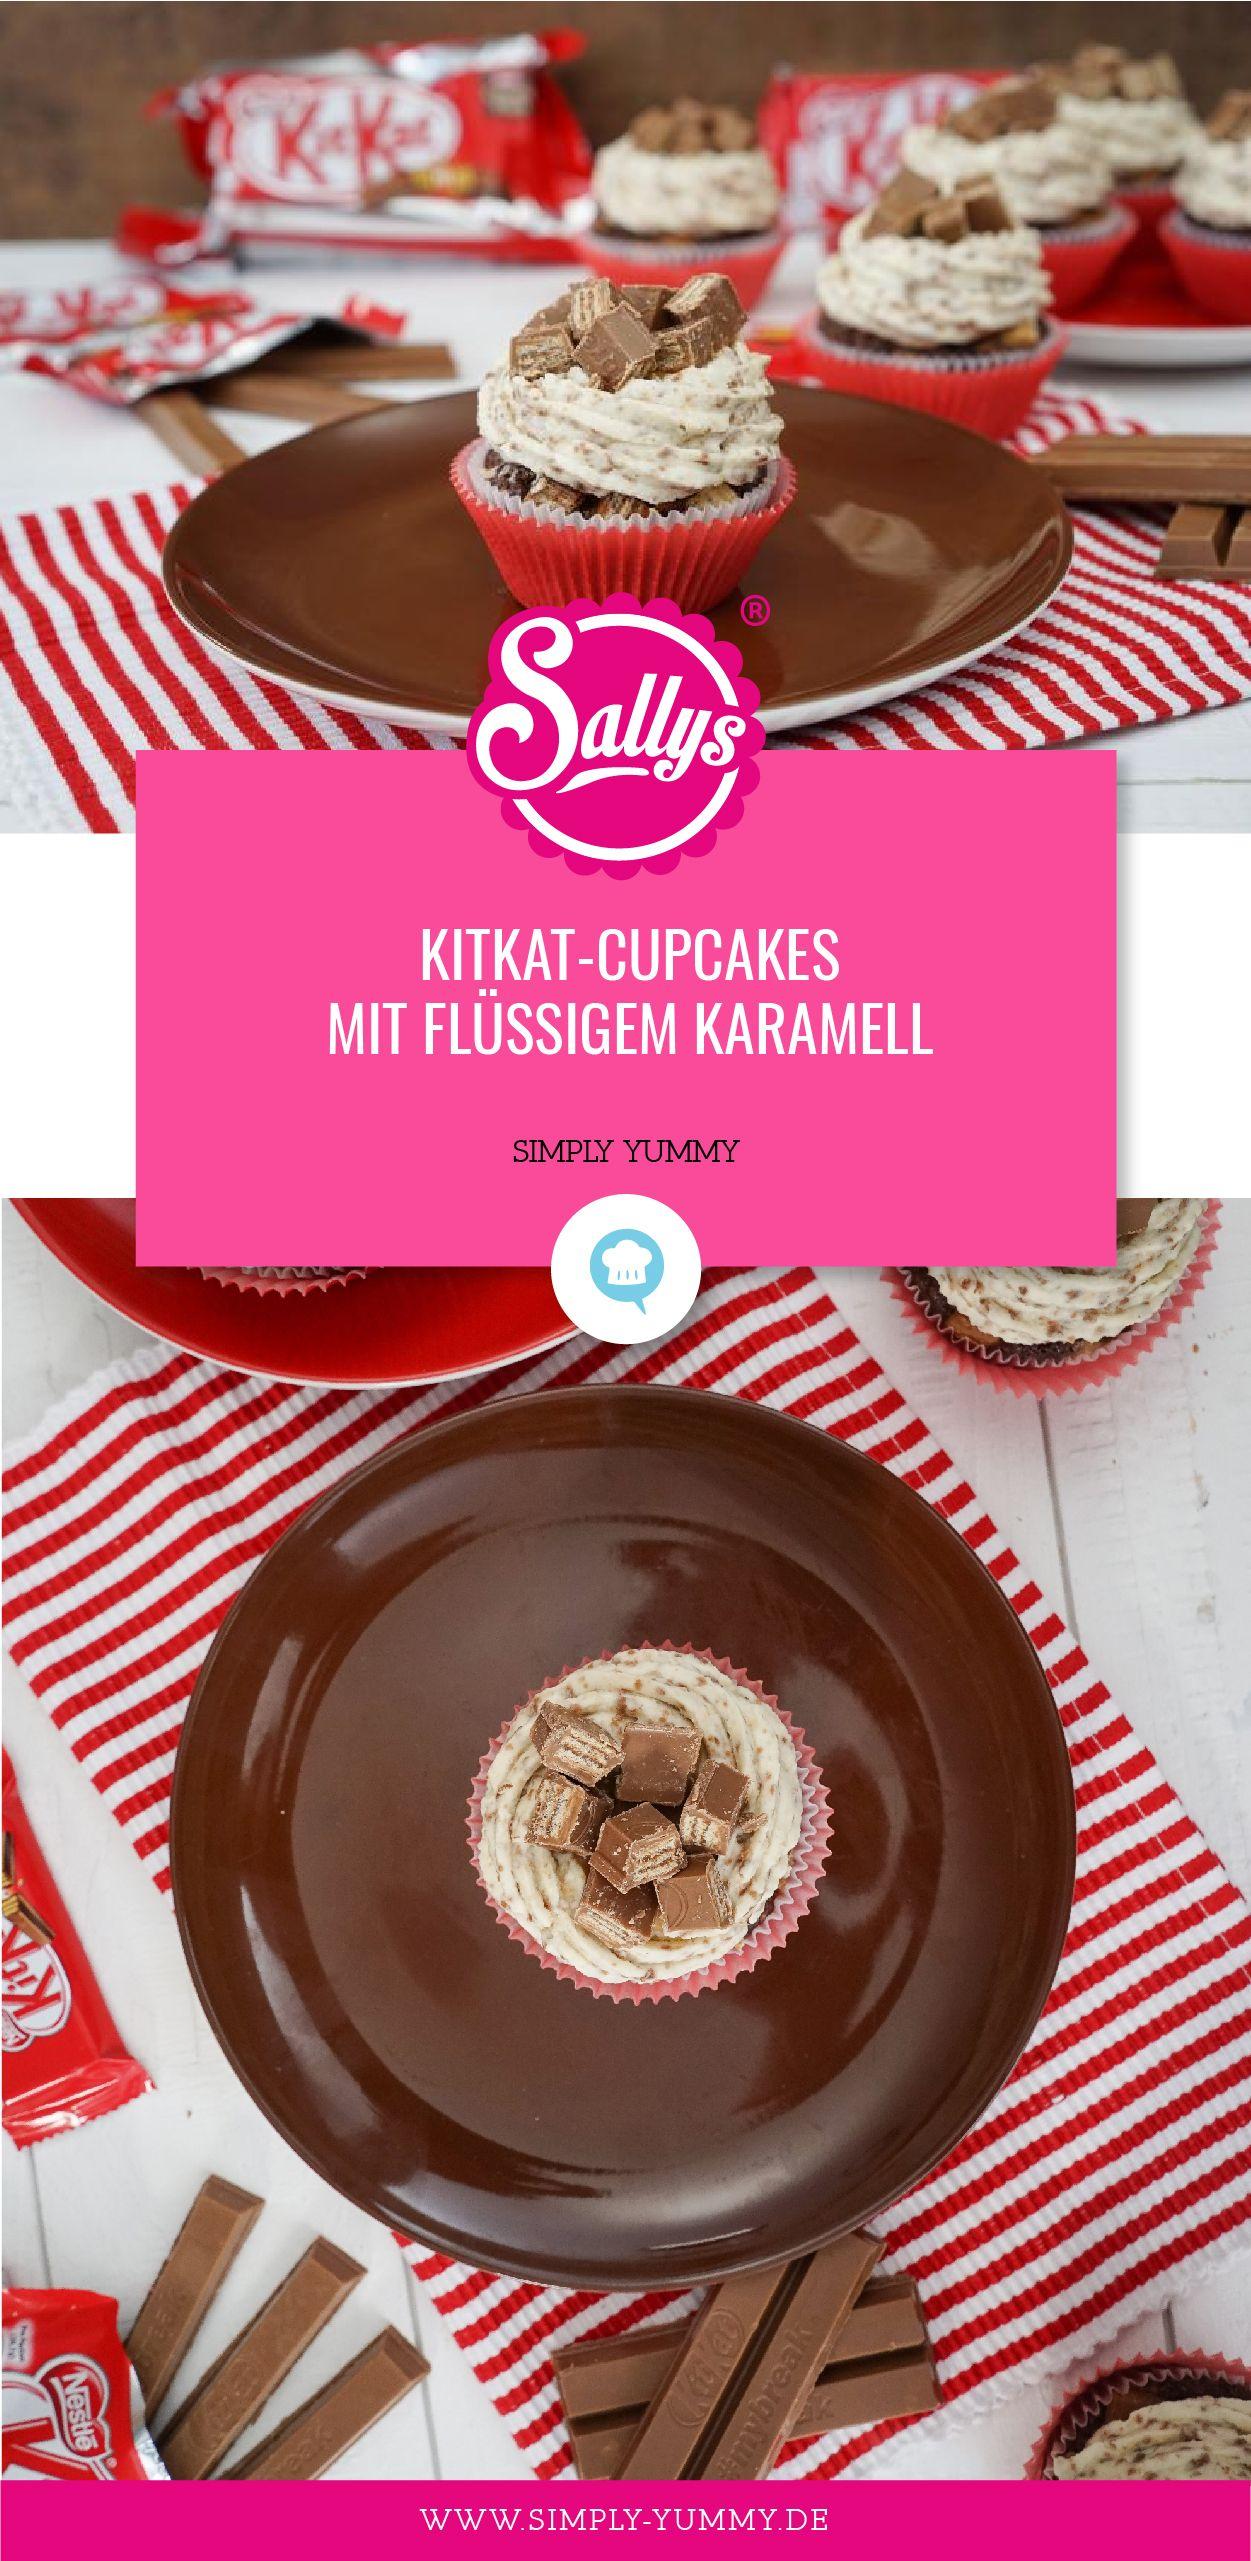 KitKat-Cupcakes mit flüssigem Karamell #chocolatecupcakes